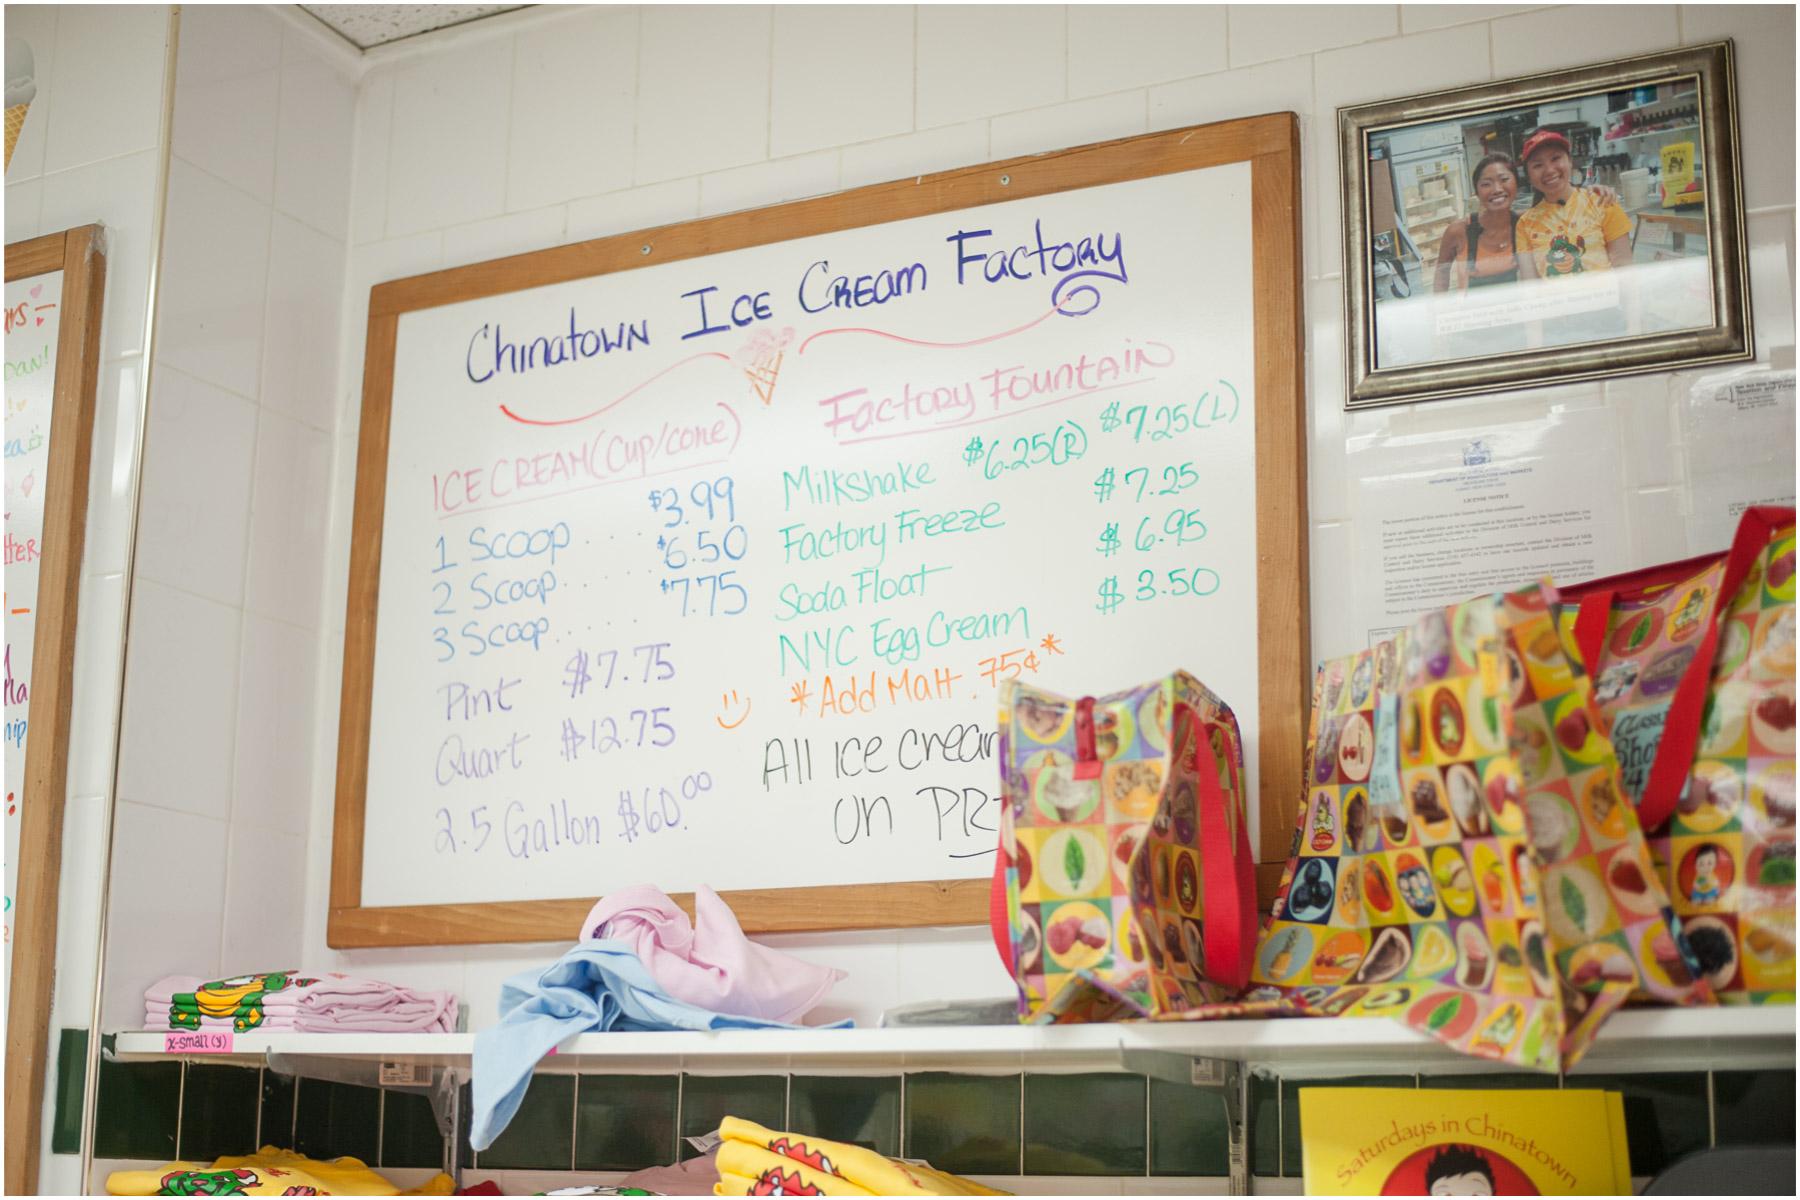 Chinatown-Ice-Cream-Factory-NYC_2.jpg